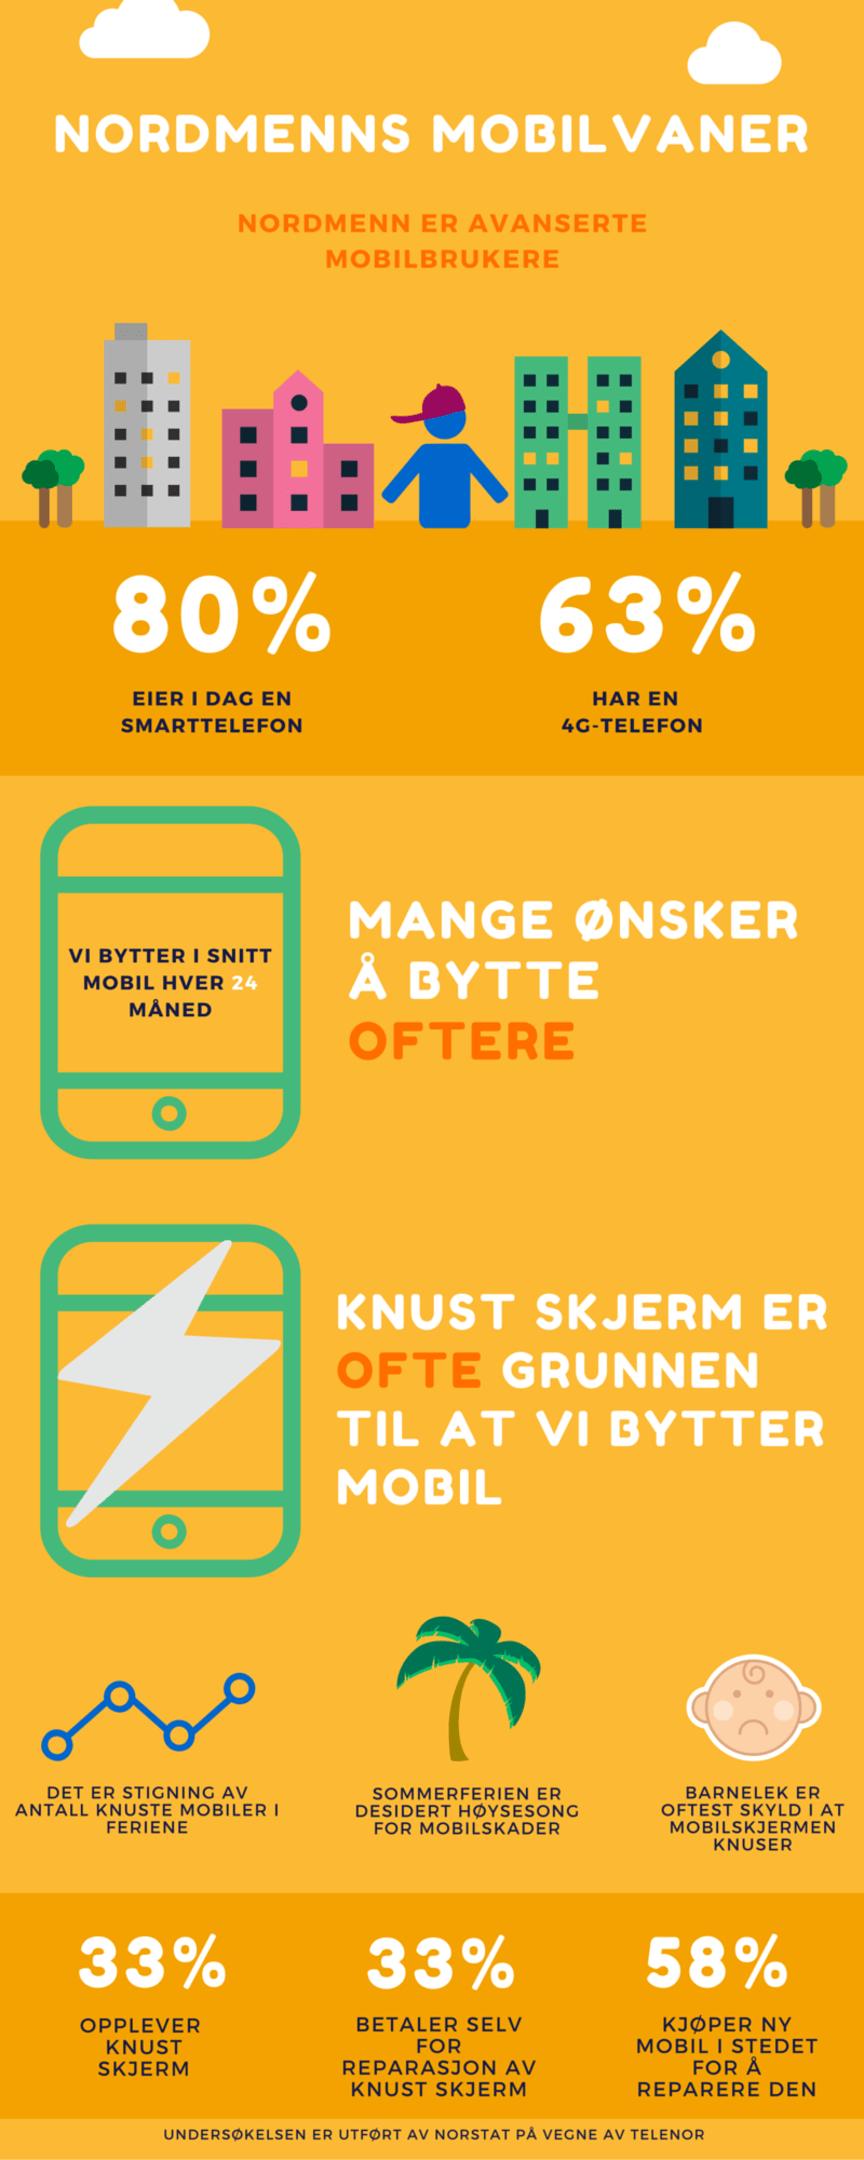 Infografikk - Nordmenns mobilvaner